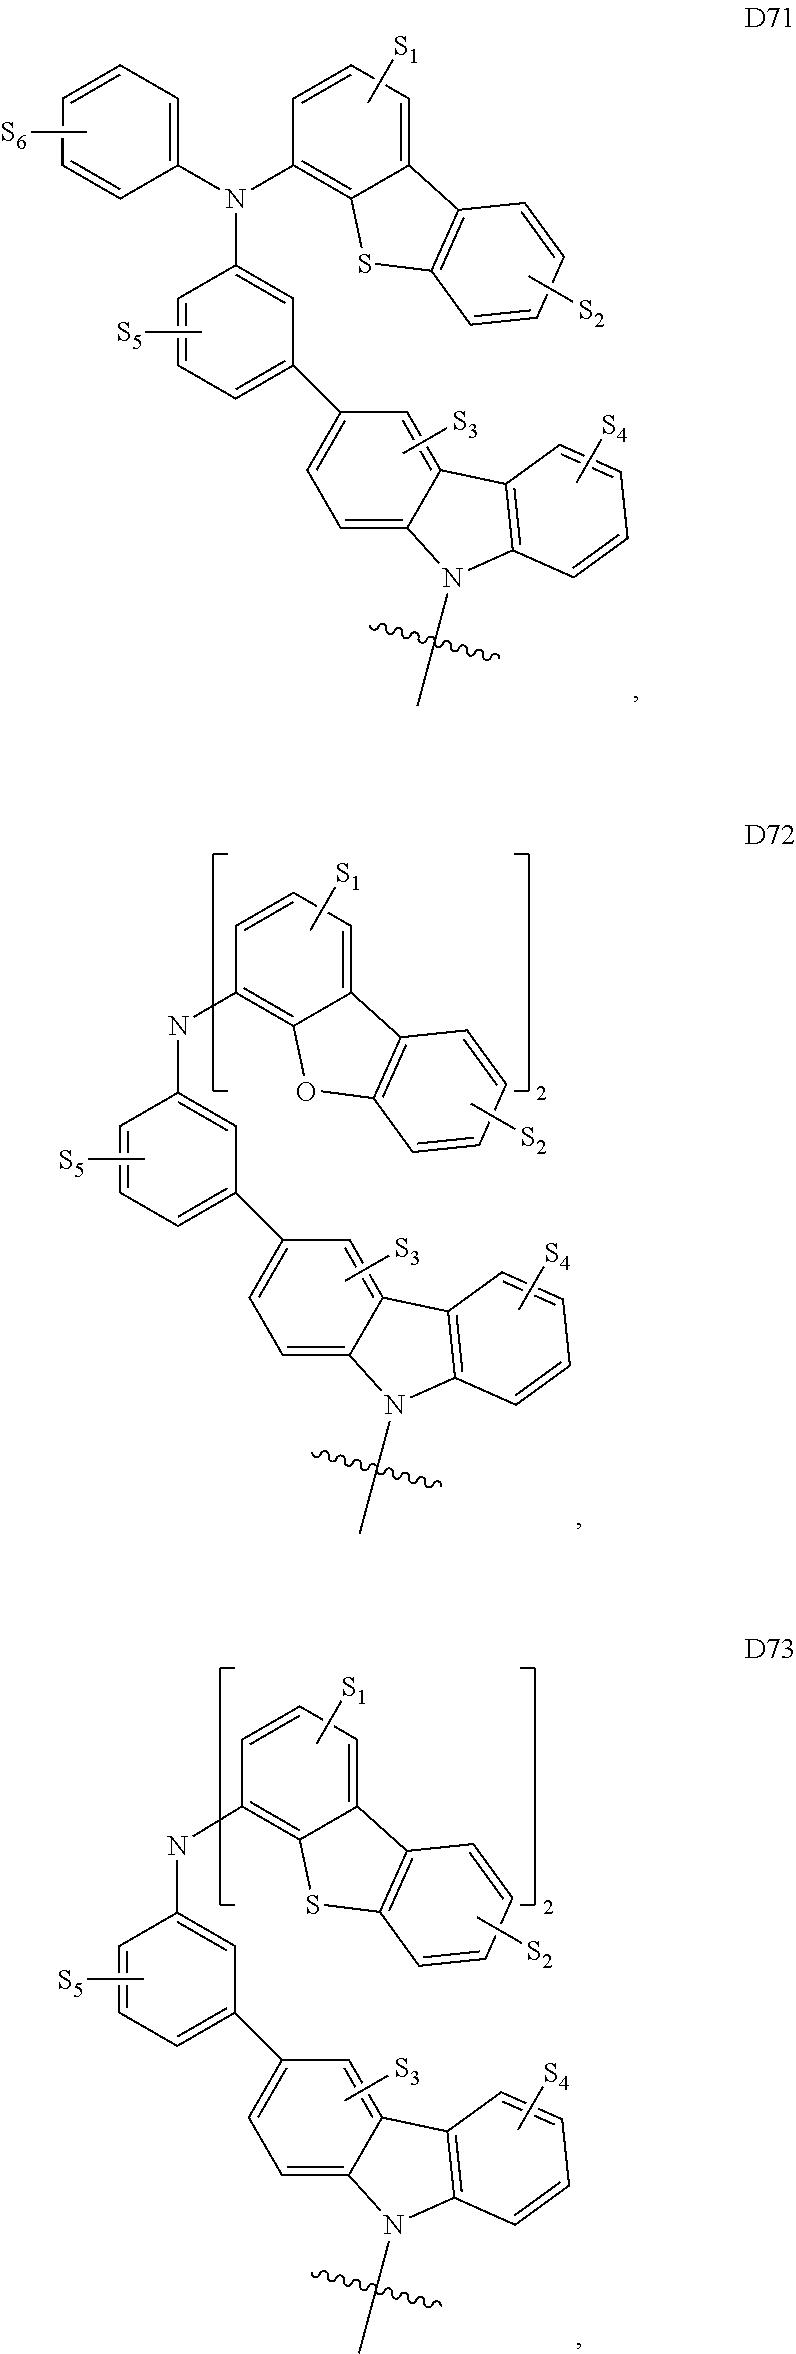 Figure US09324949-20160426-C00026